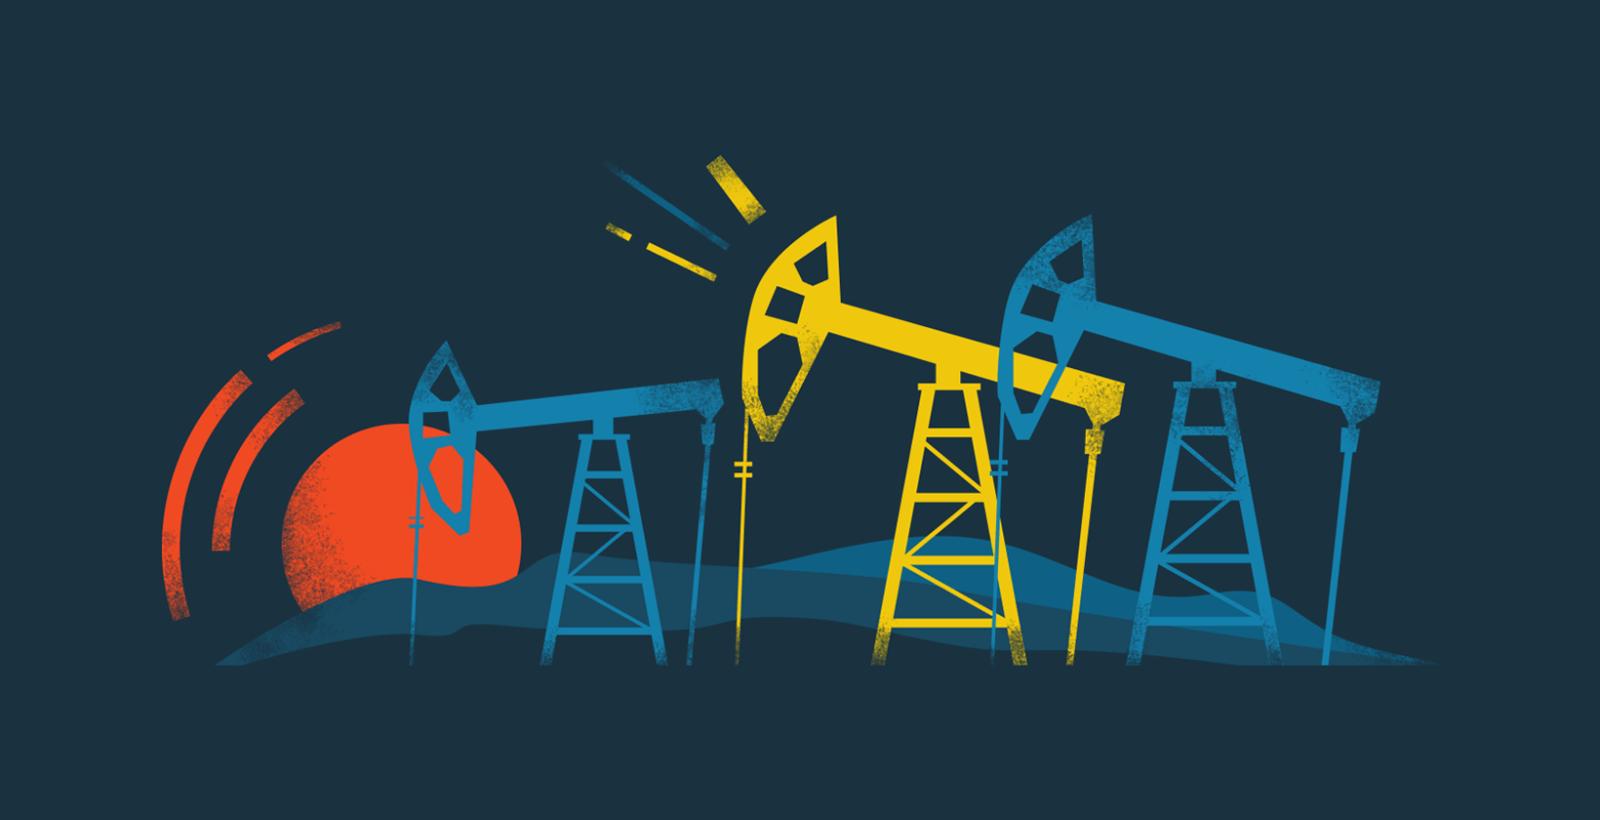 Нефтегаз рейтинг иллюстрация